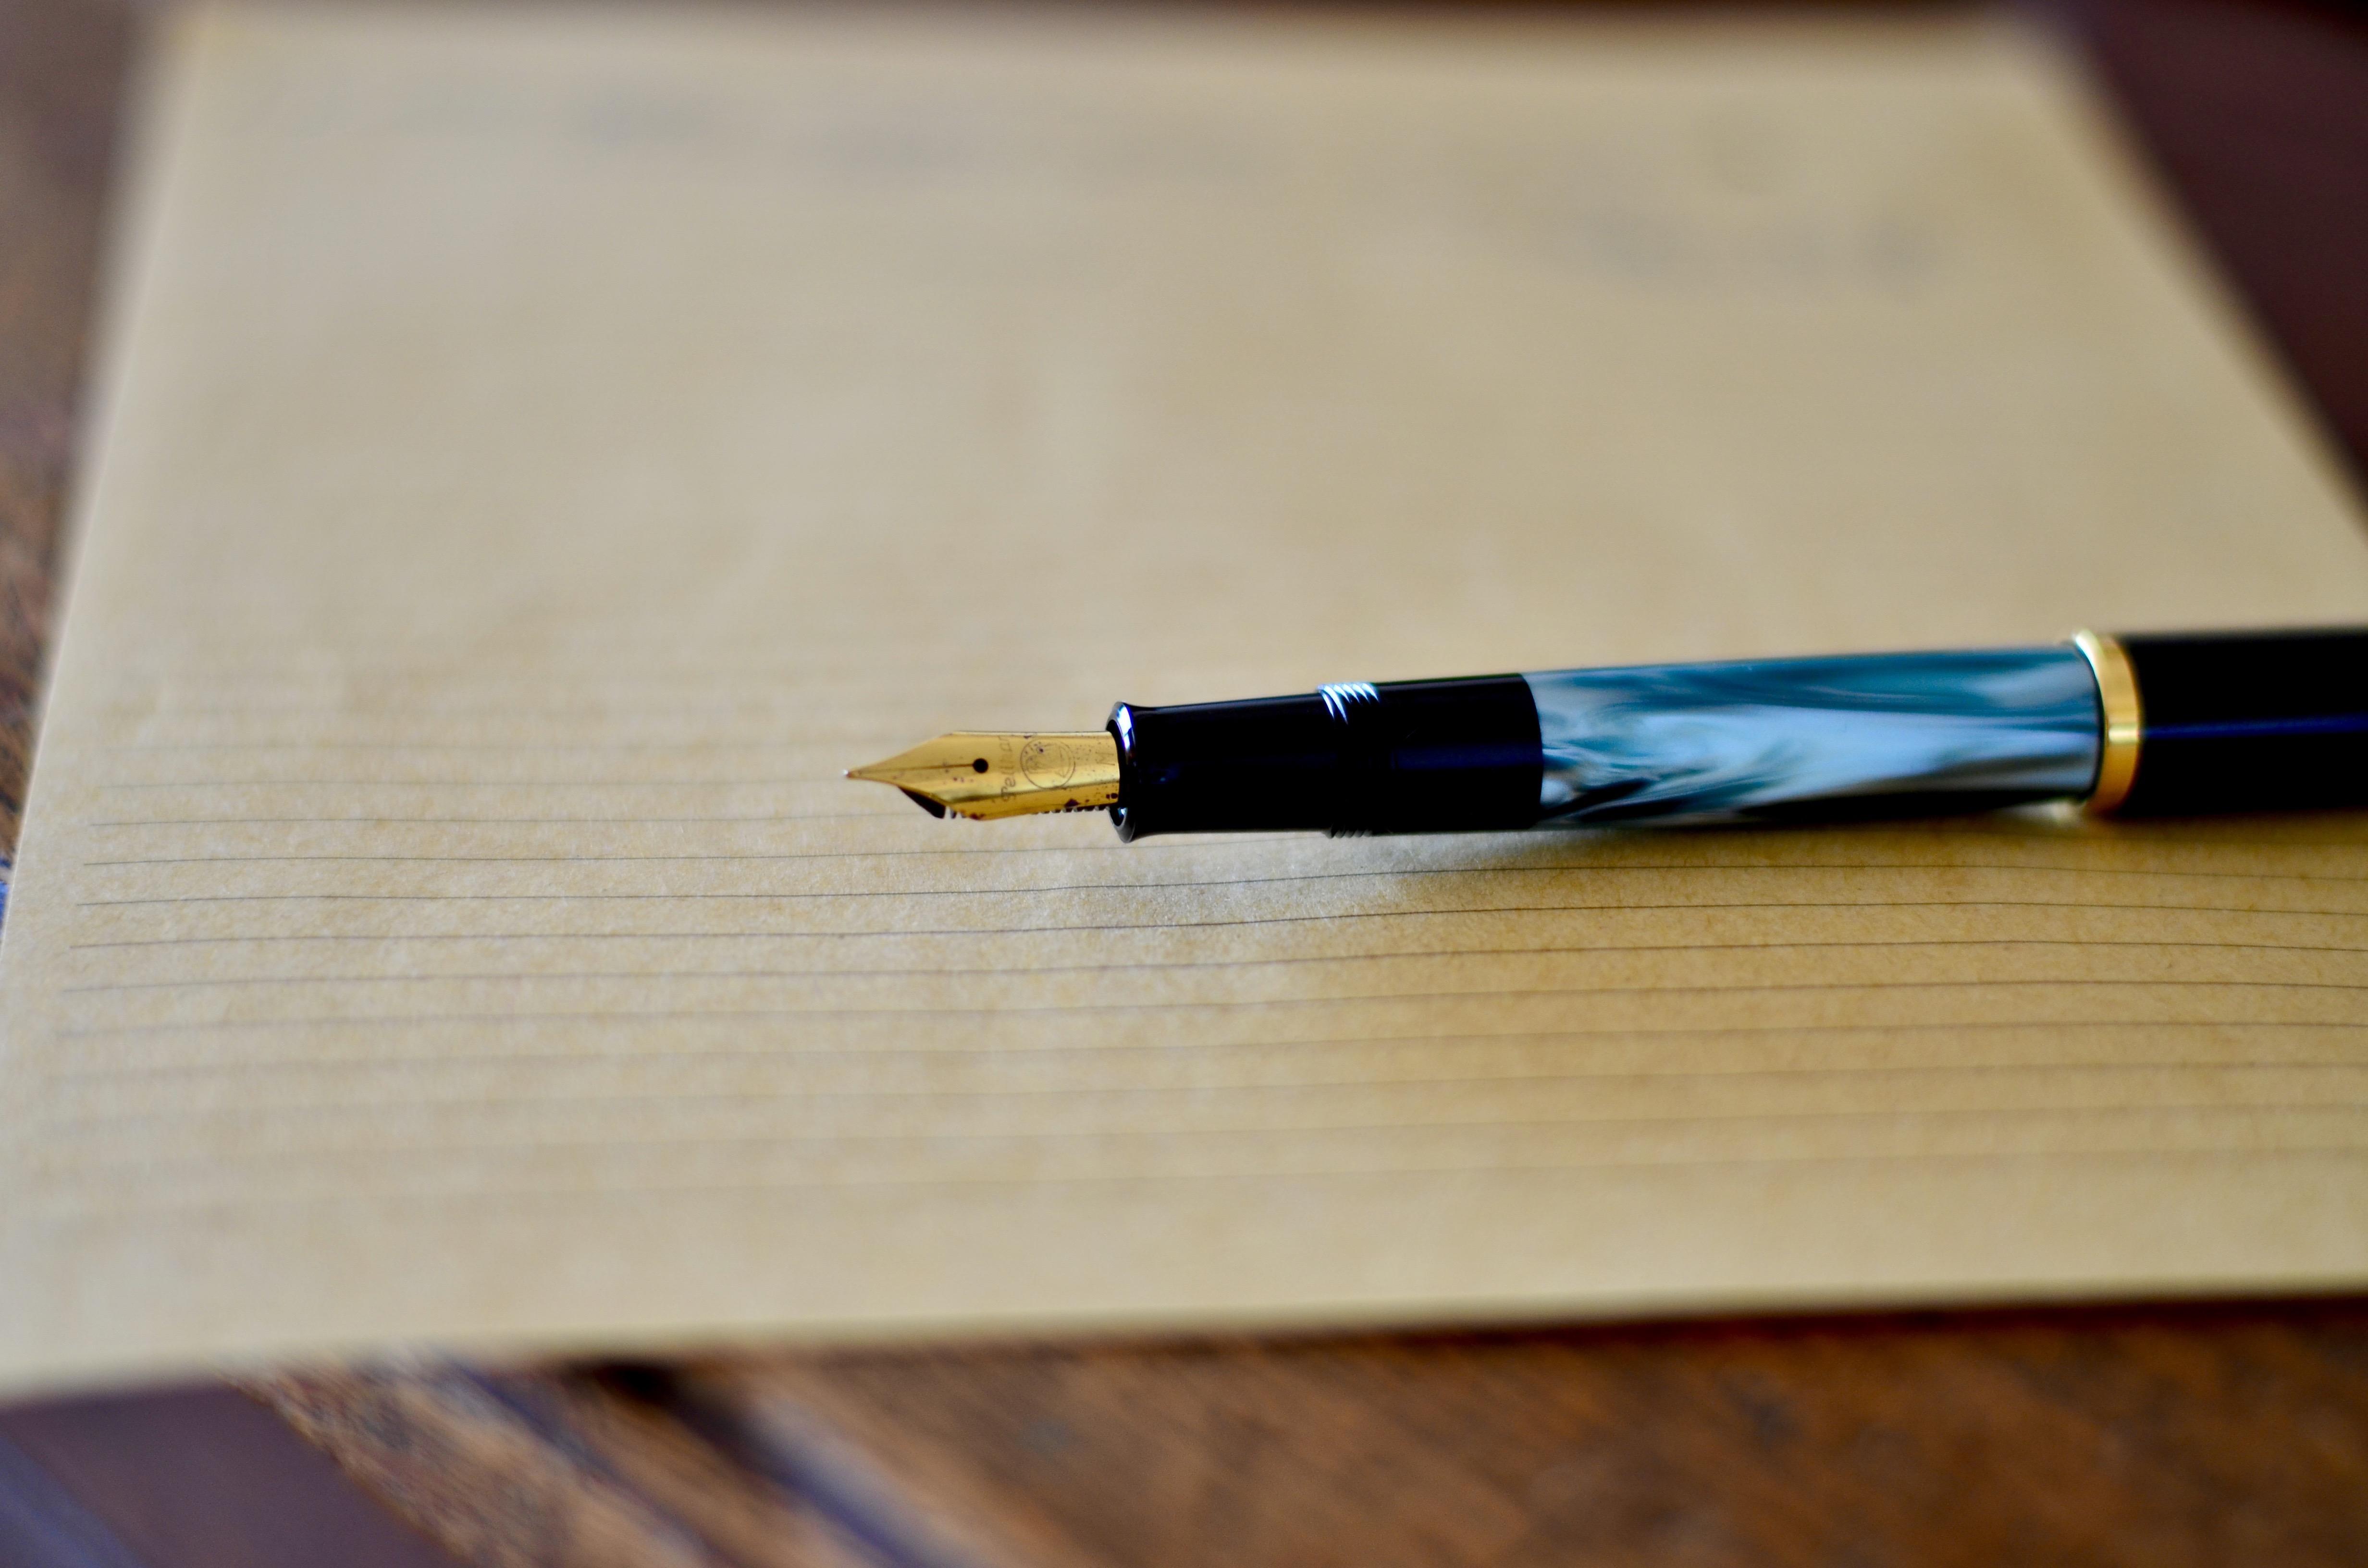 Fondos De Pantalla Bolígrafo Material De Oficina